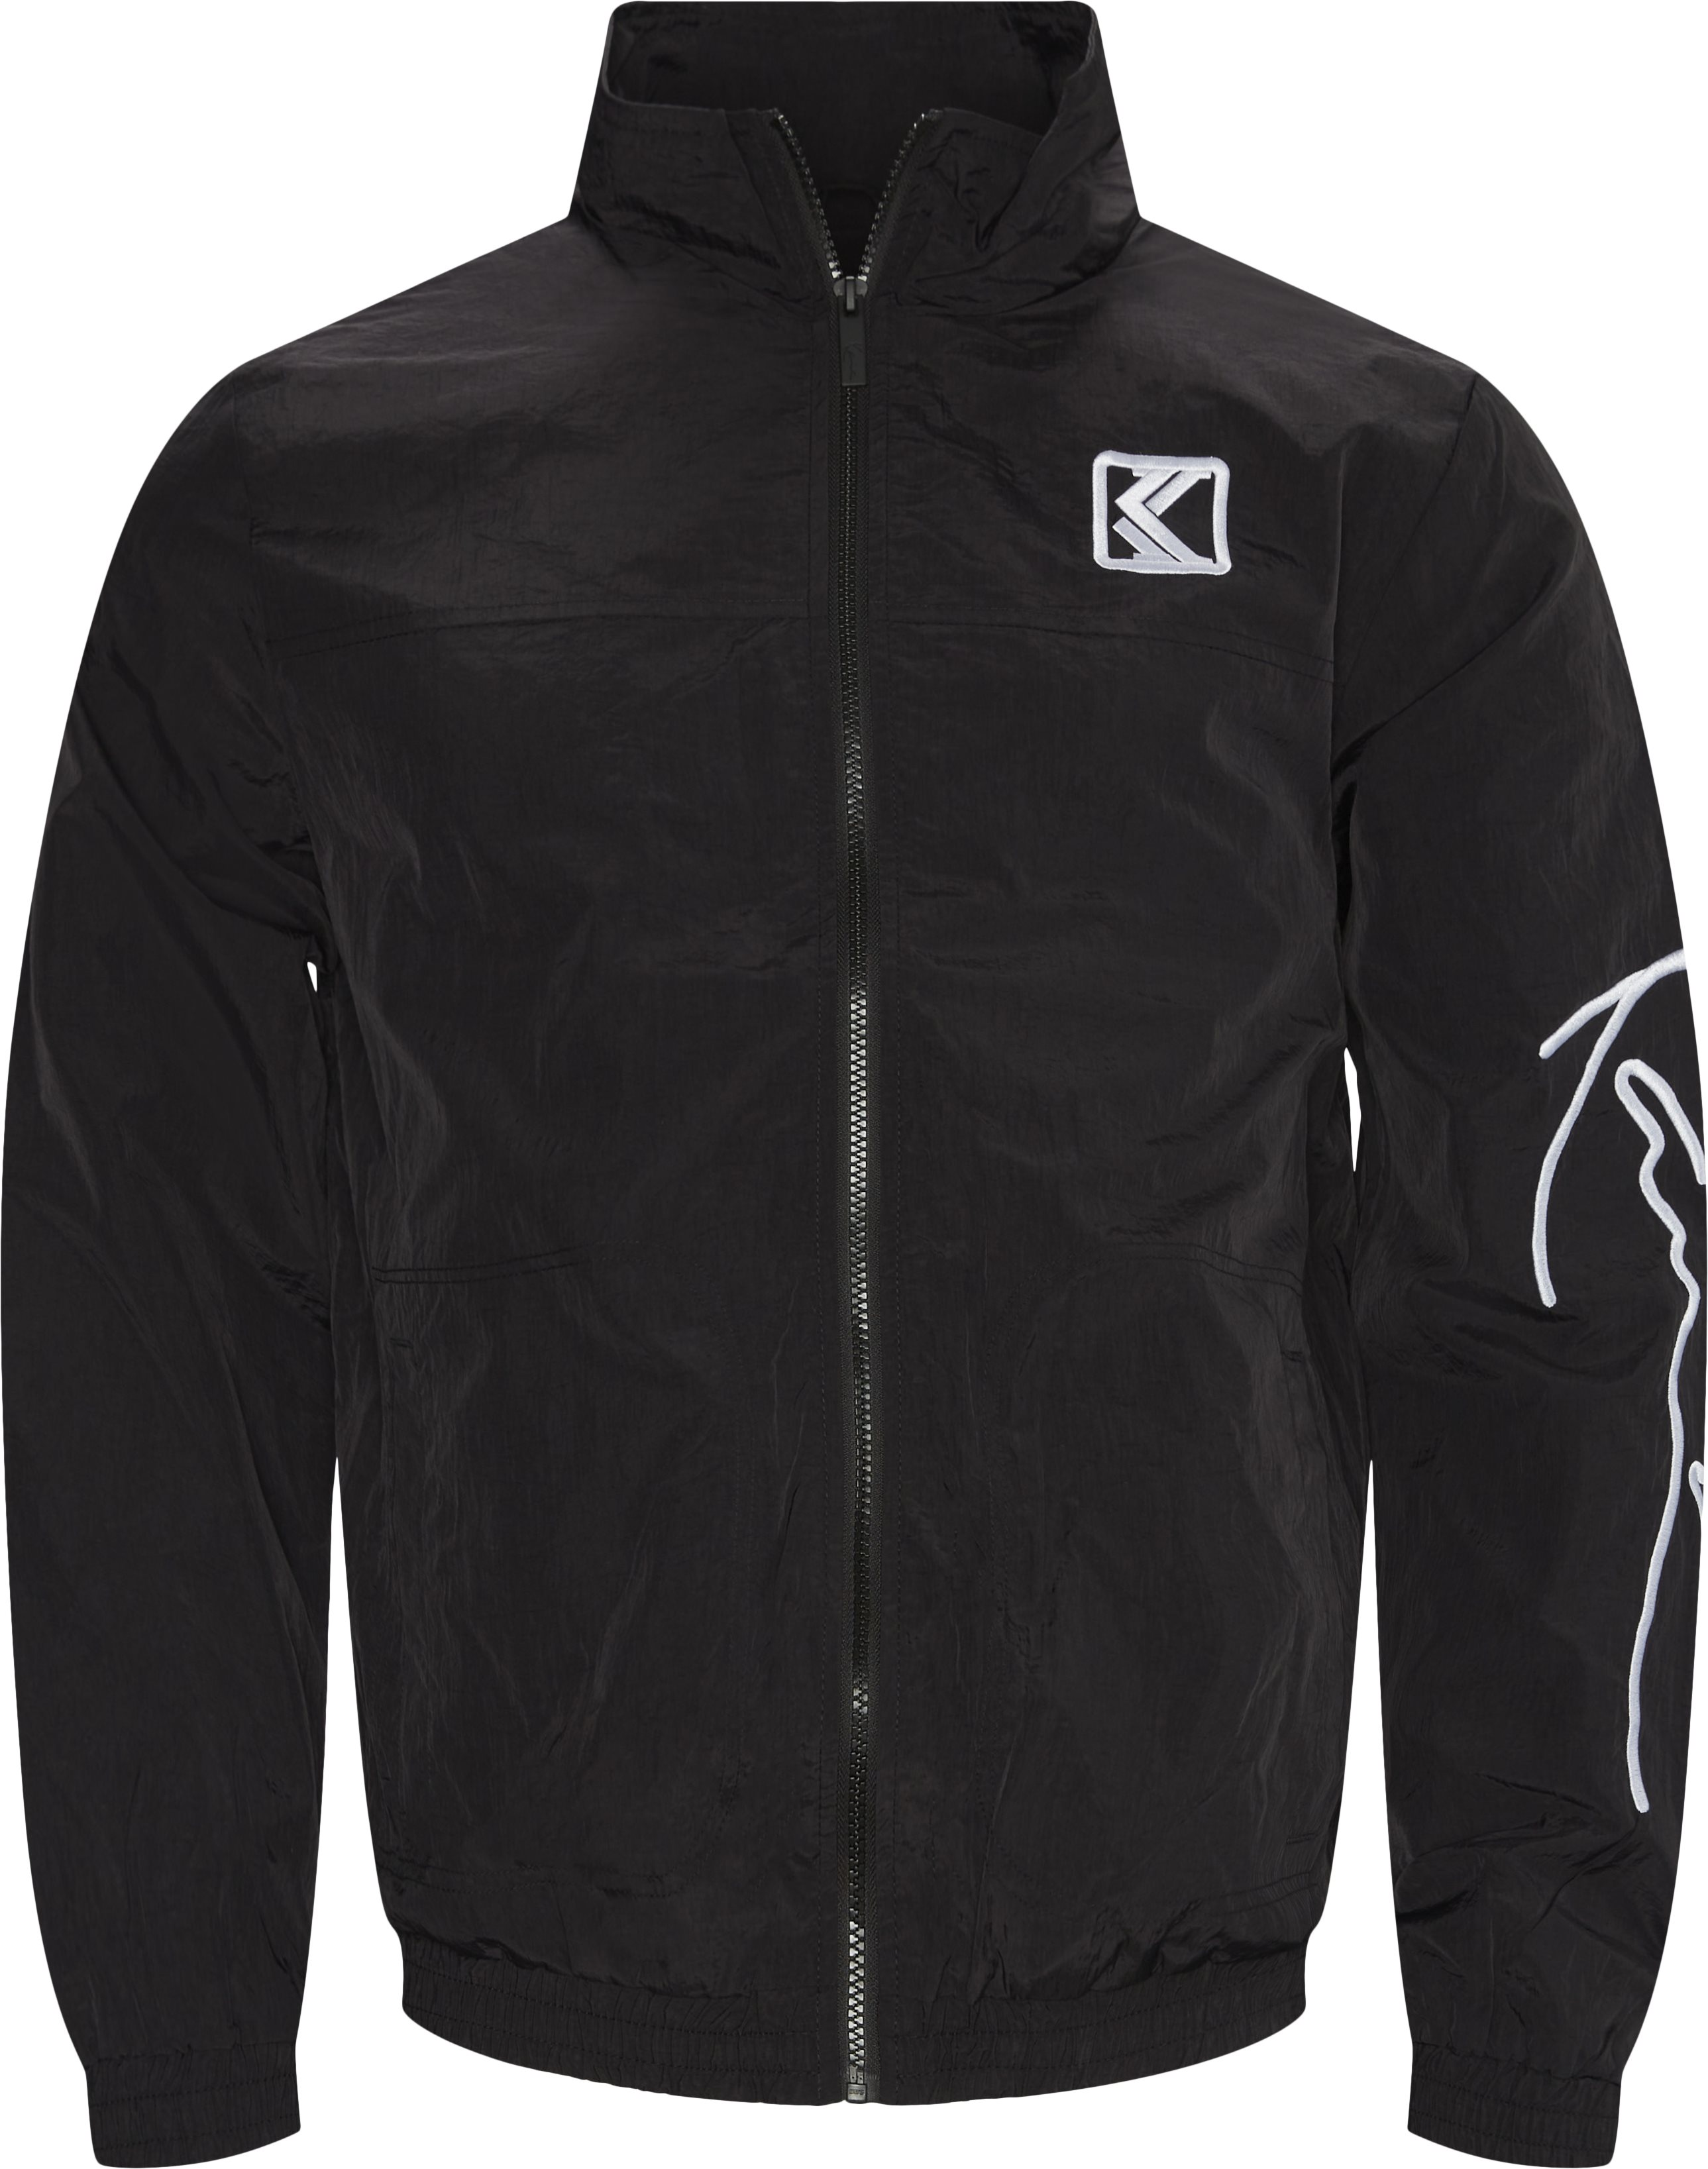 Signature Trackjacket - Sweatshirts - Regular - Black